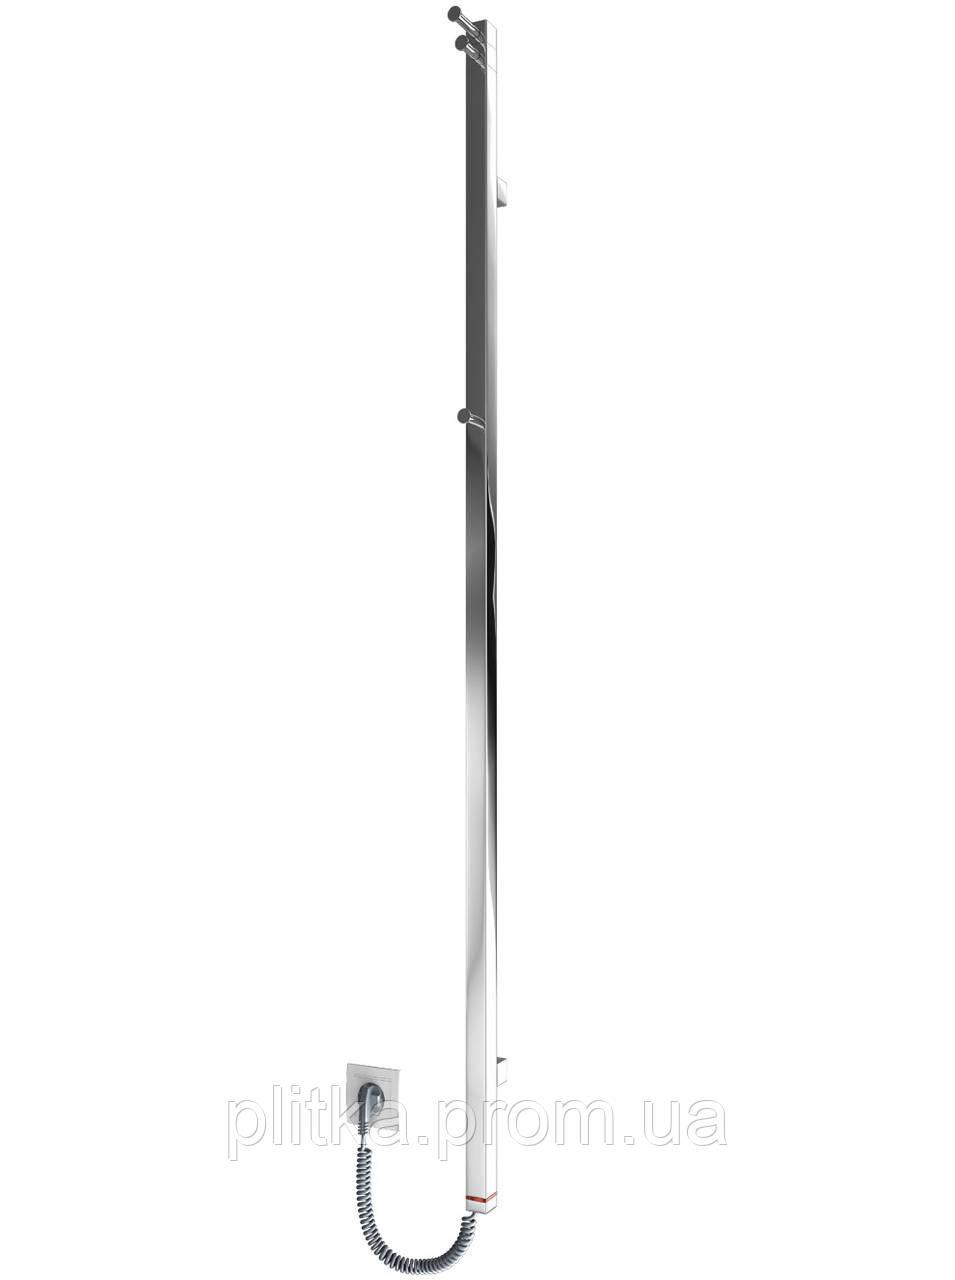 Электрический полотенцесушитель Рей Кубо-I 1500x30